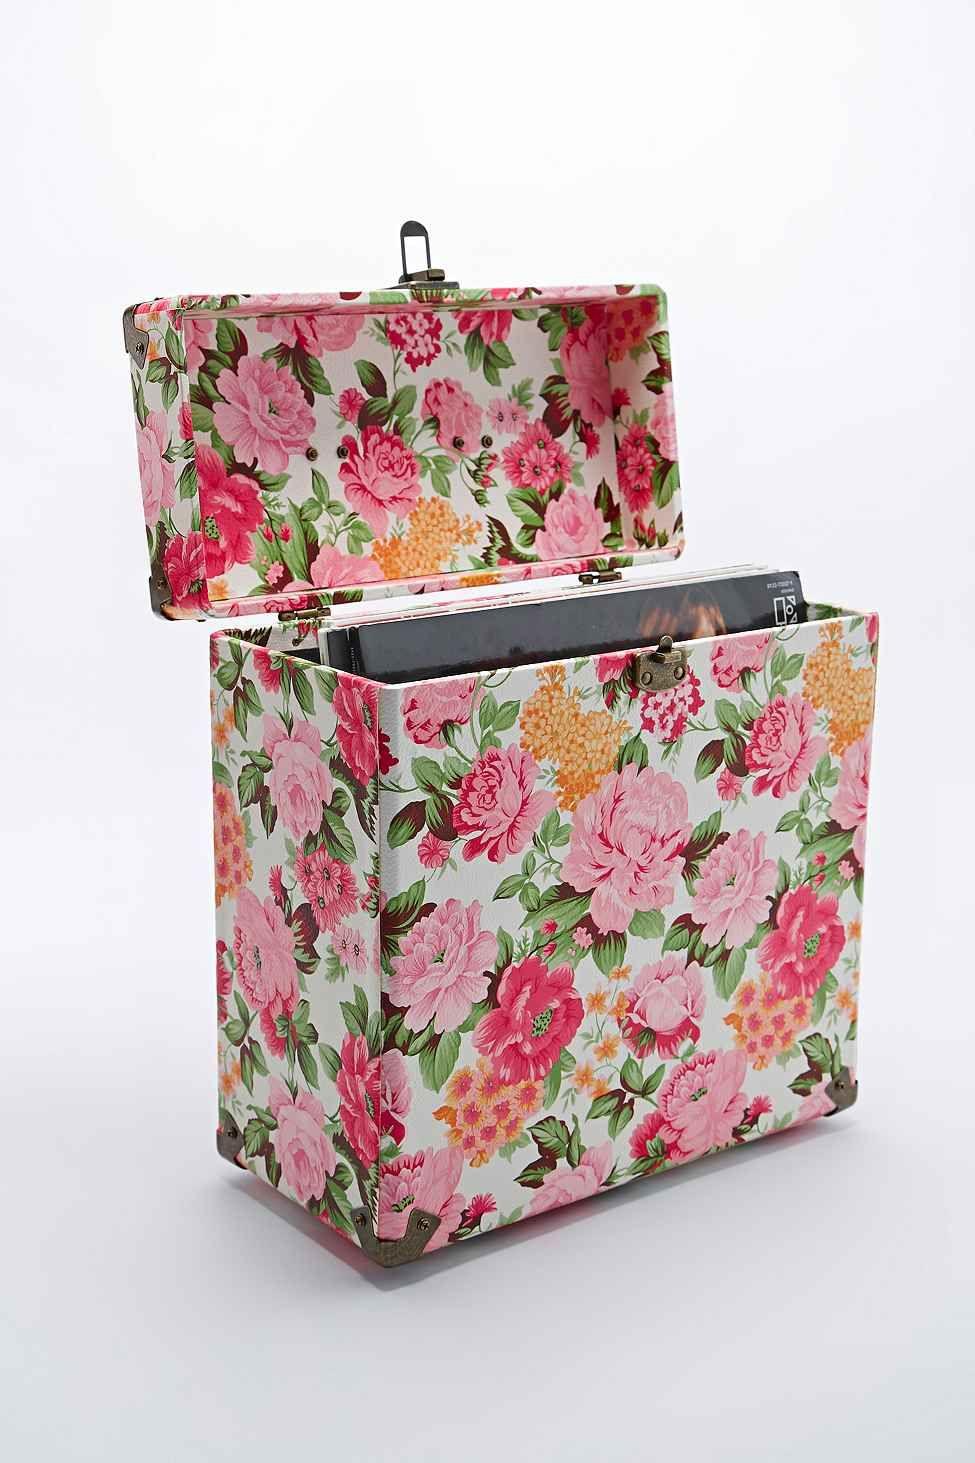 Crosley 12 Record Carrier Case In Floral Mobilier De Salon Caisse Idees Pour La Maison